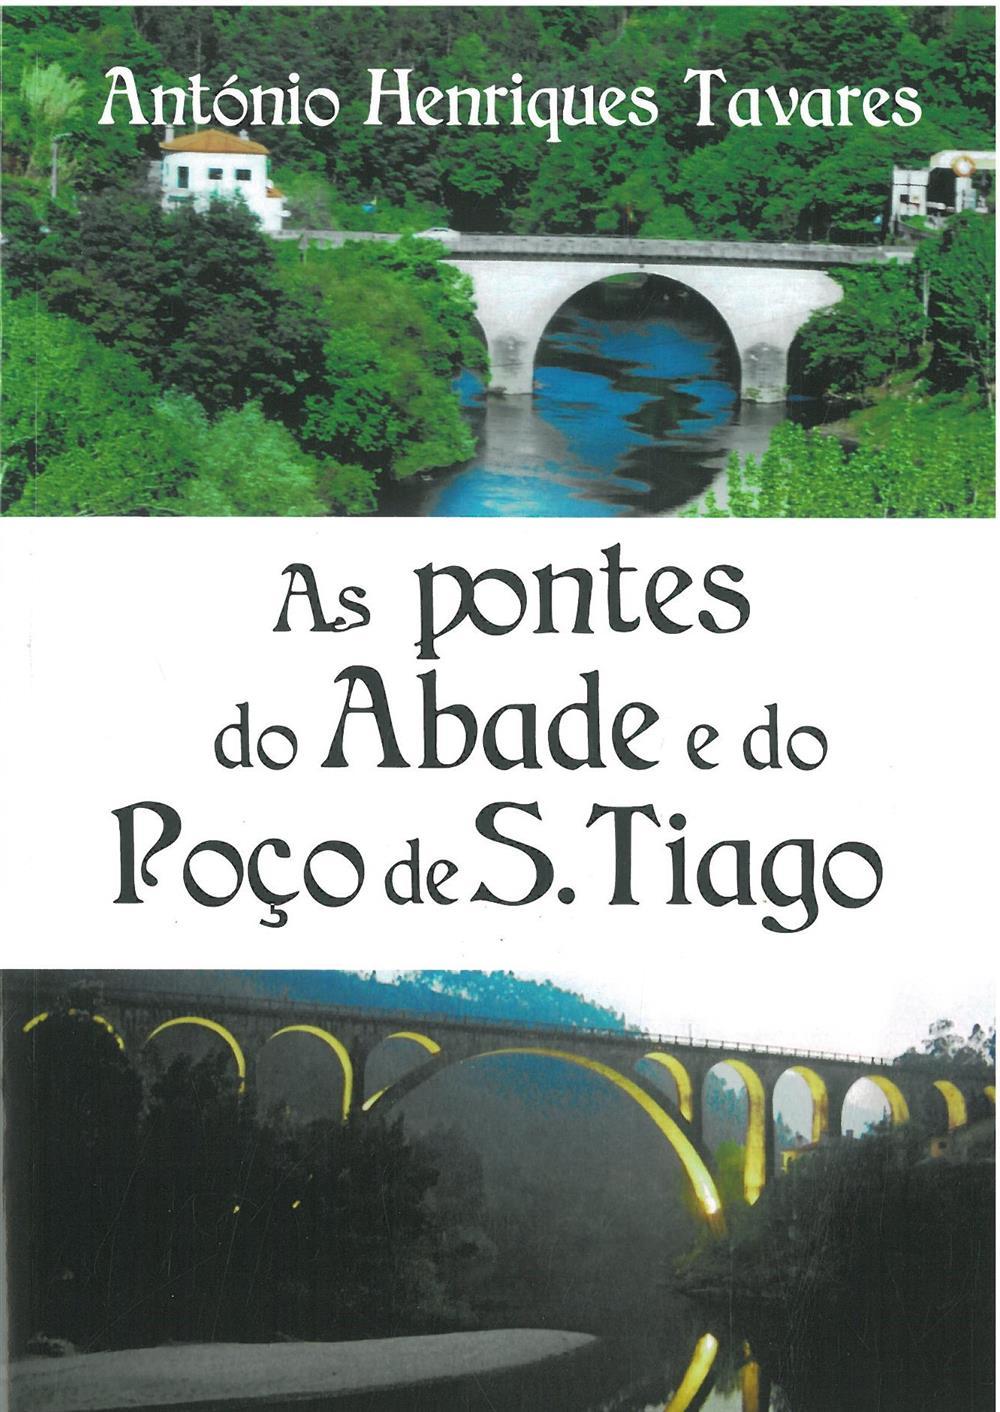 As pontes do Abade e do Poço de S. Tiago.jpg